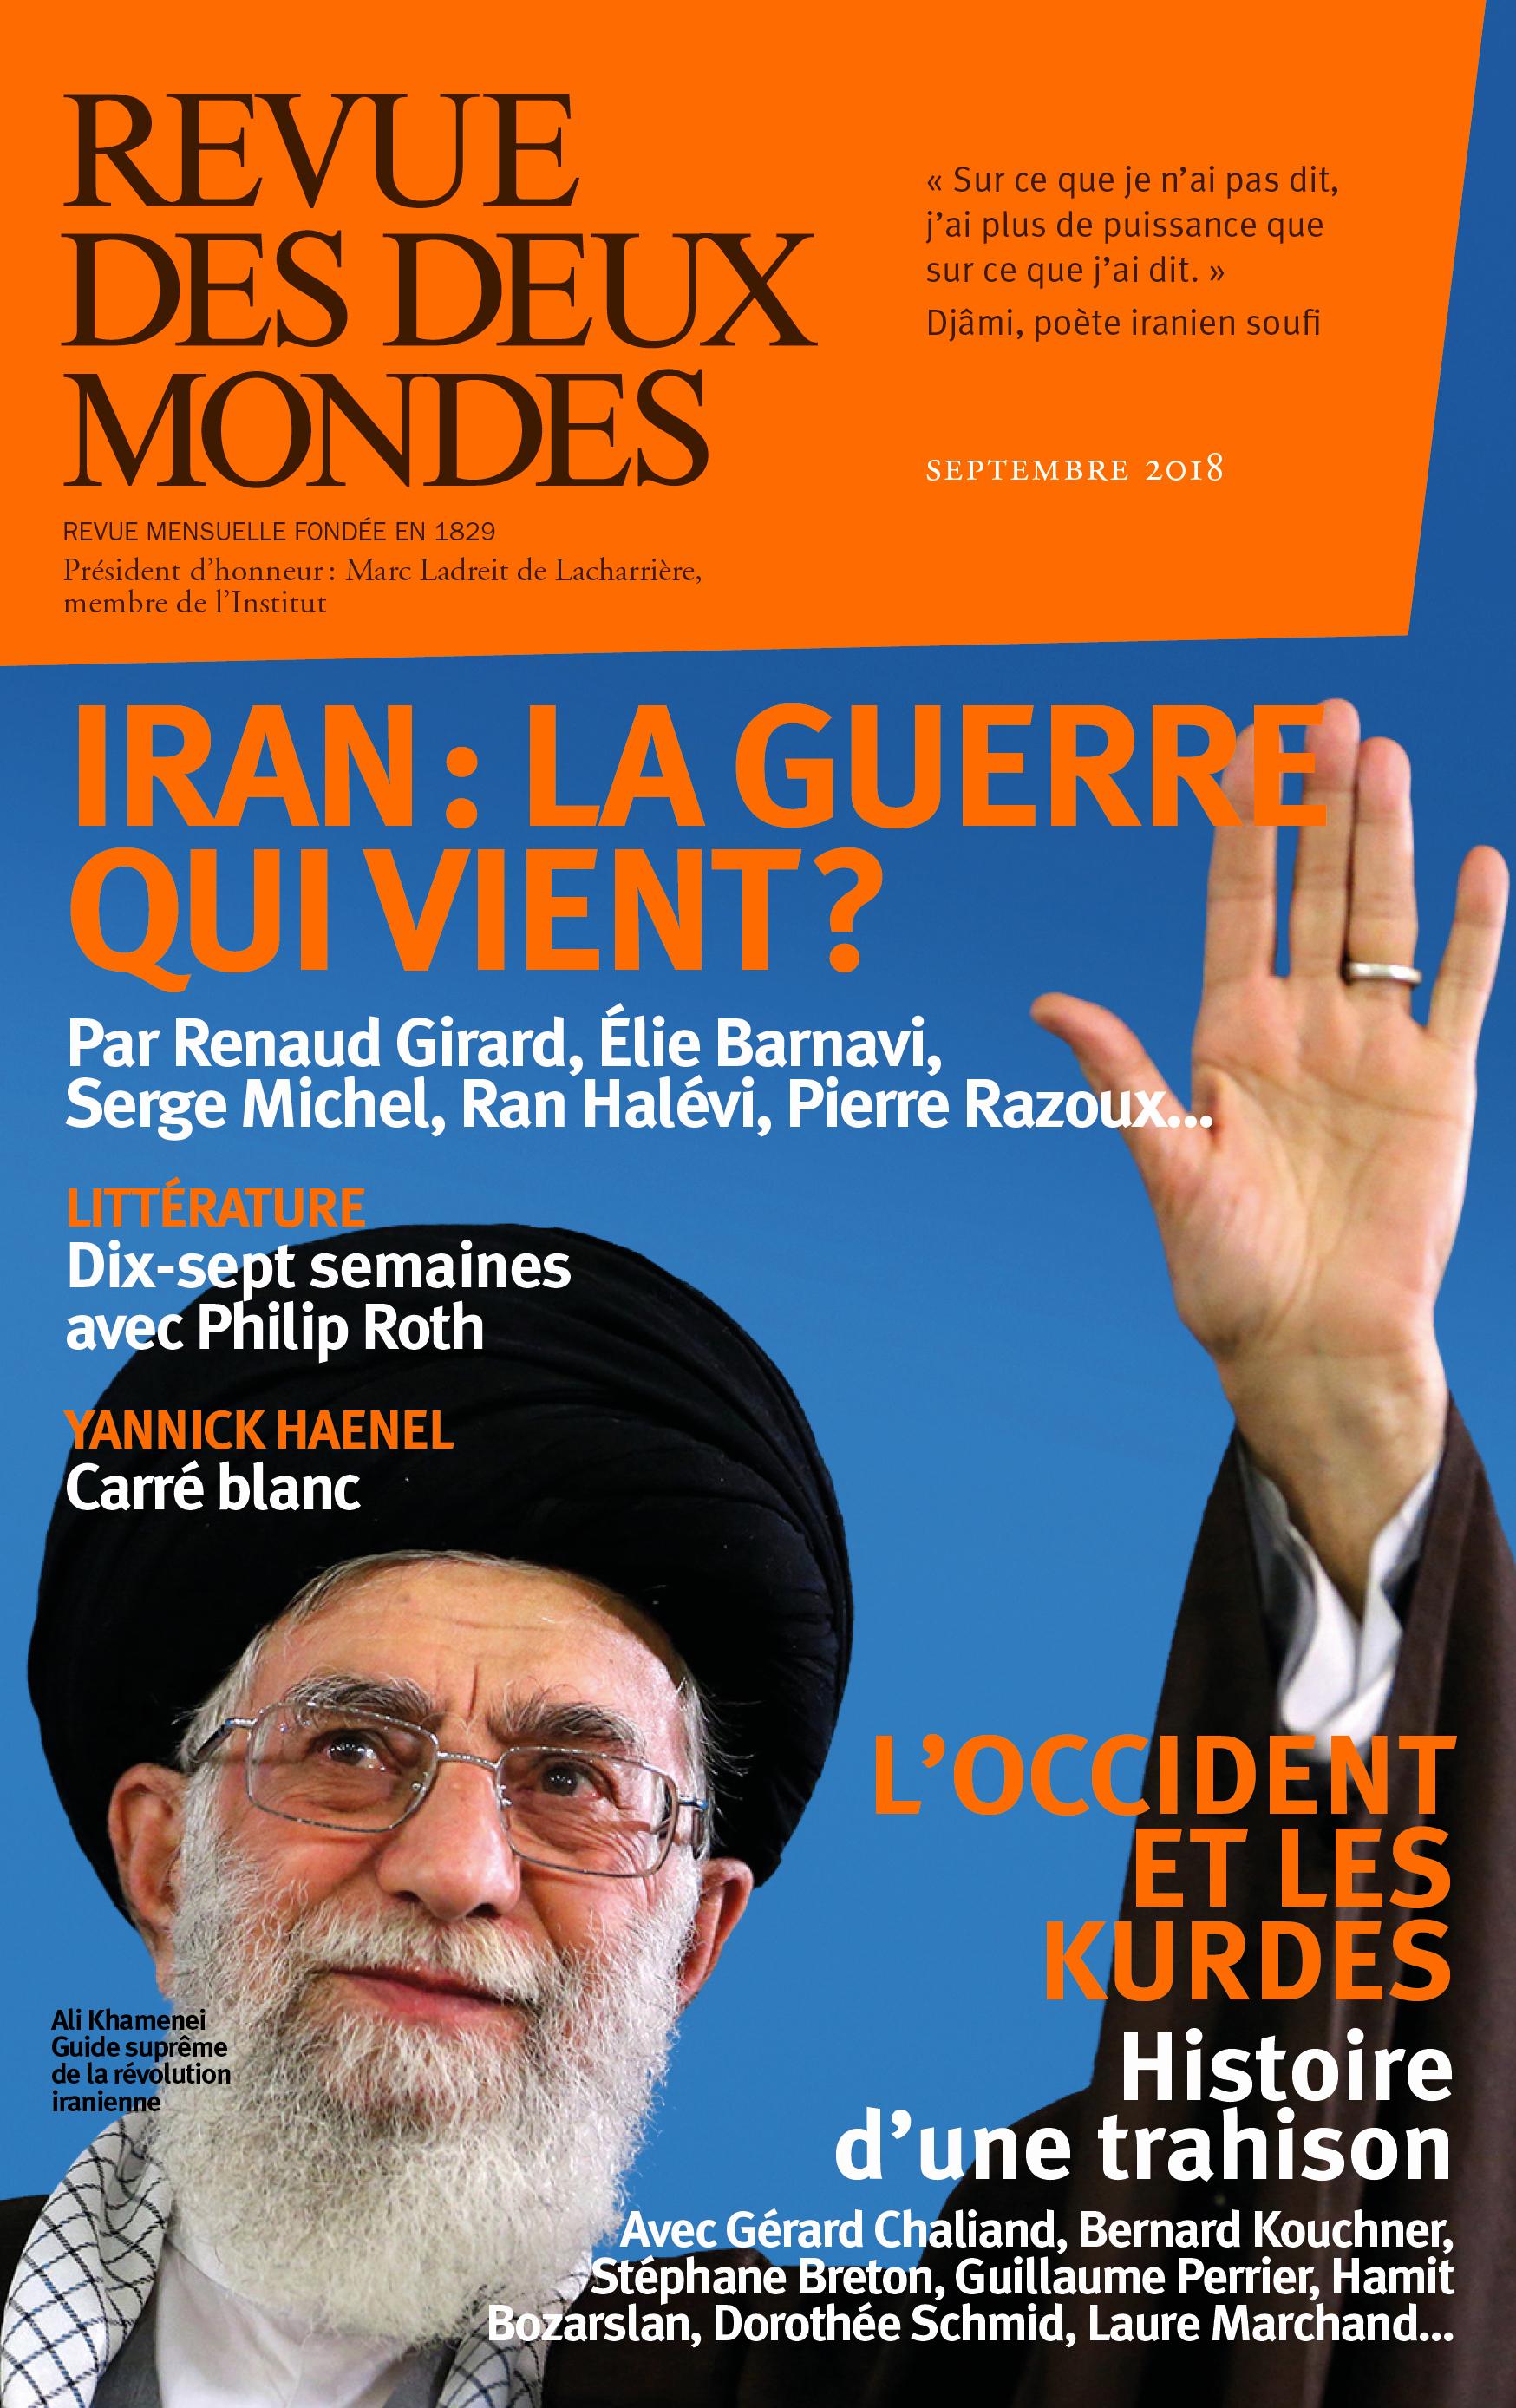 REVUE DES DEUX MONDES SEPTEMBRE 2018 - LES KURDES